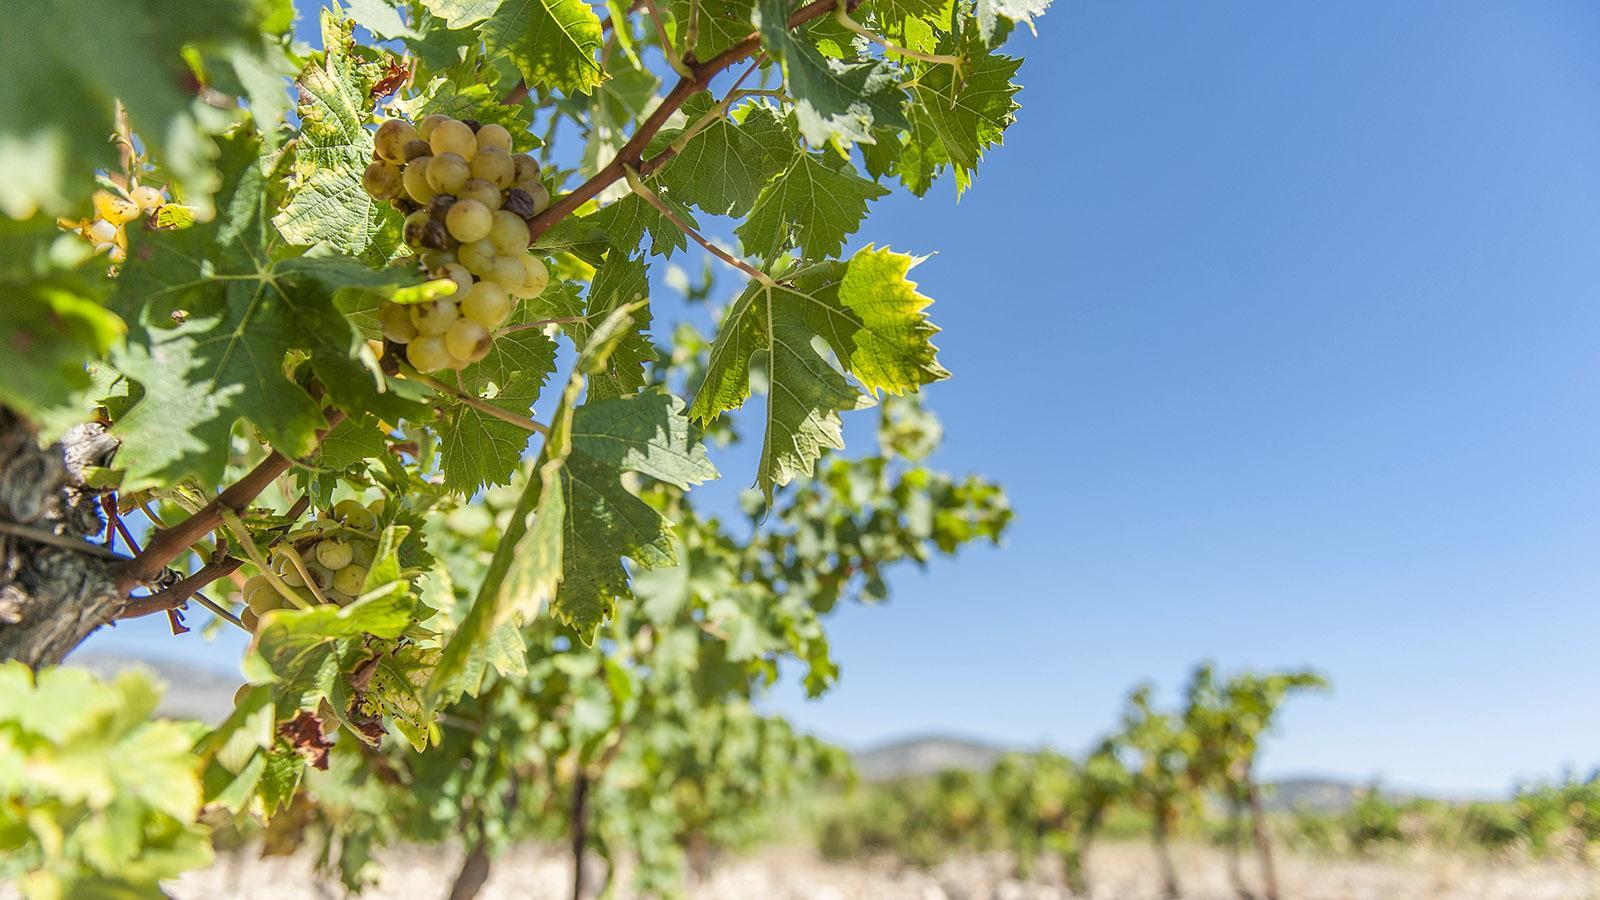 Muscat im Weingarten von Mas Amiel. Foto: Hilke Maunder